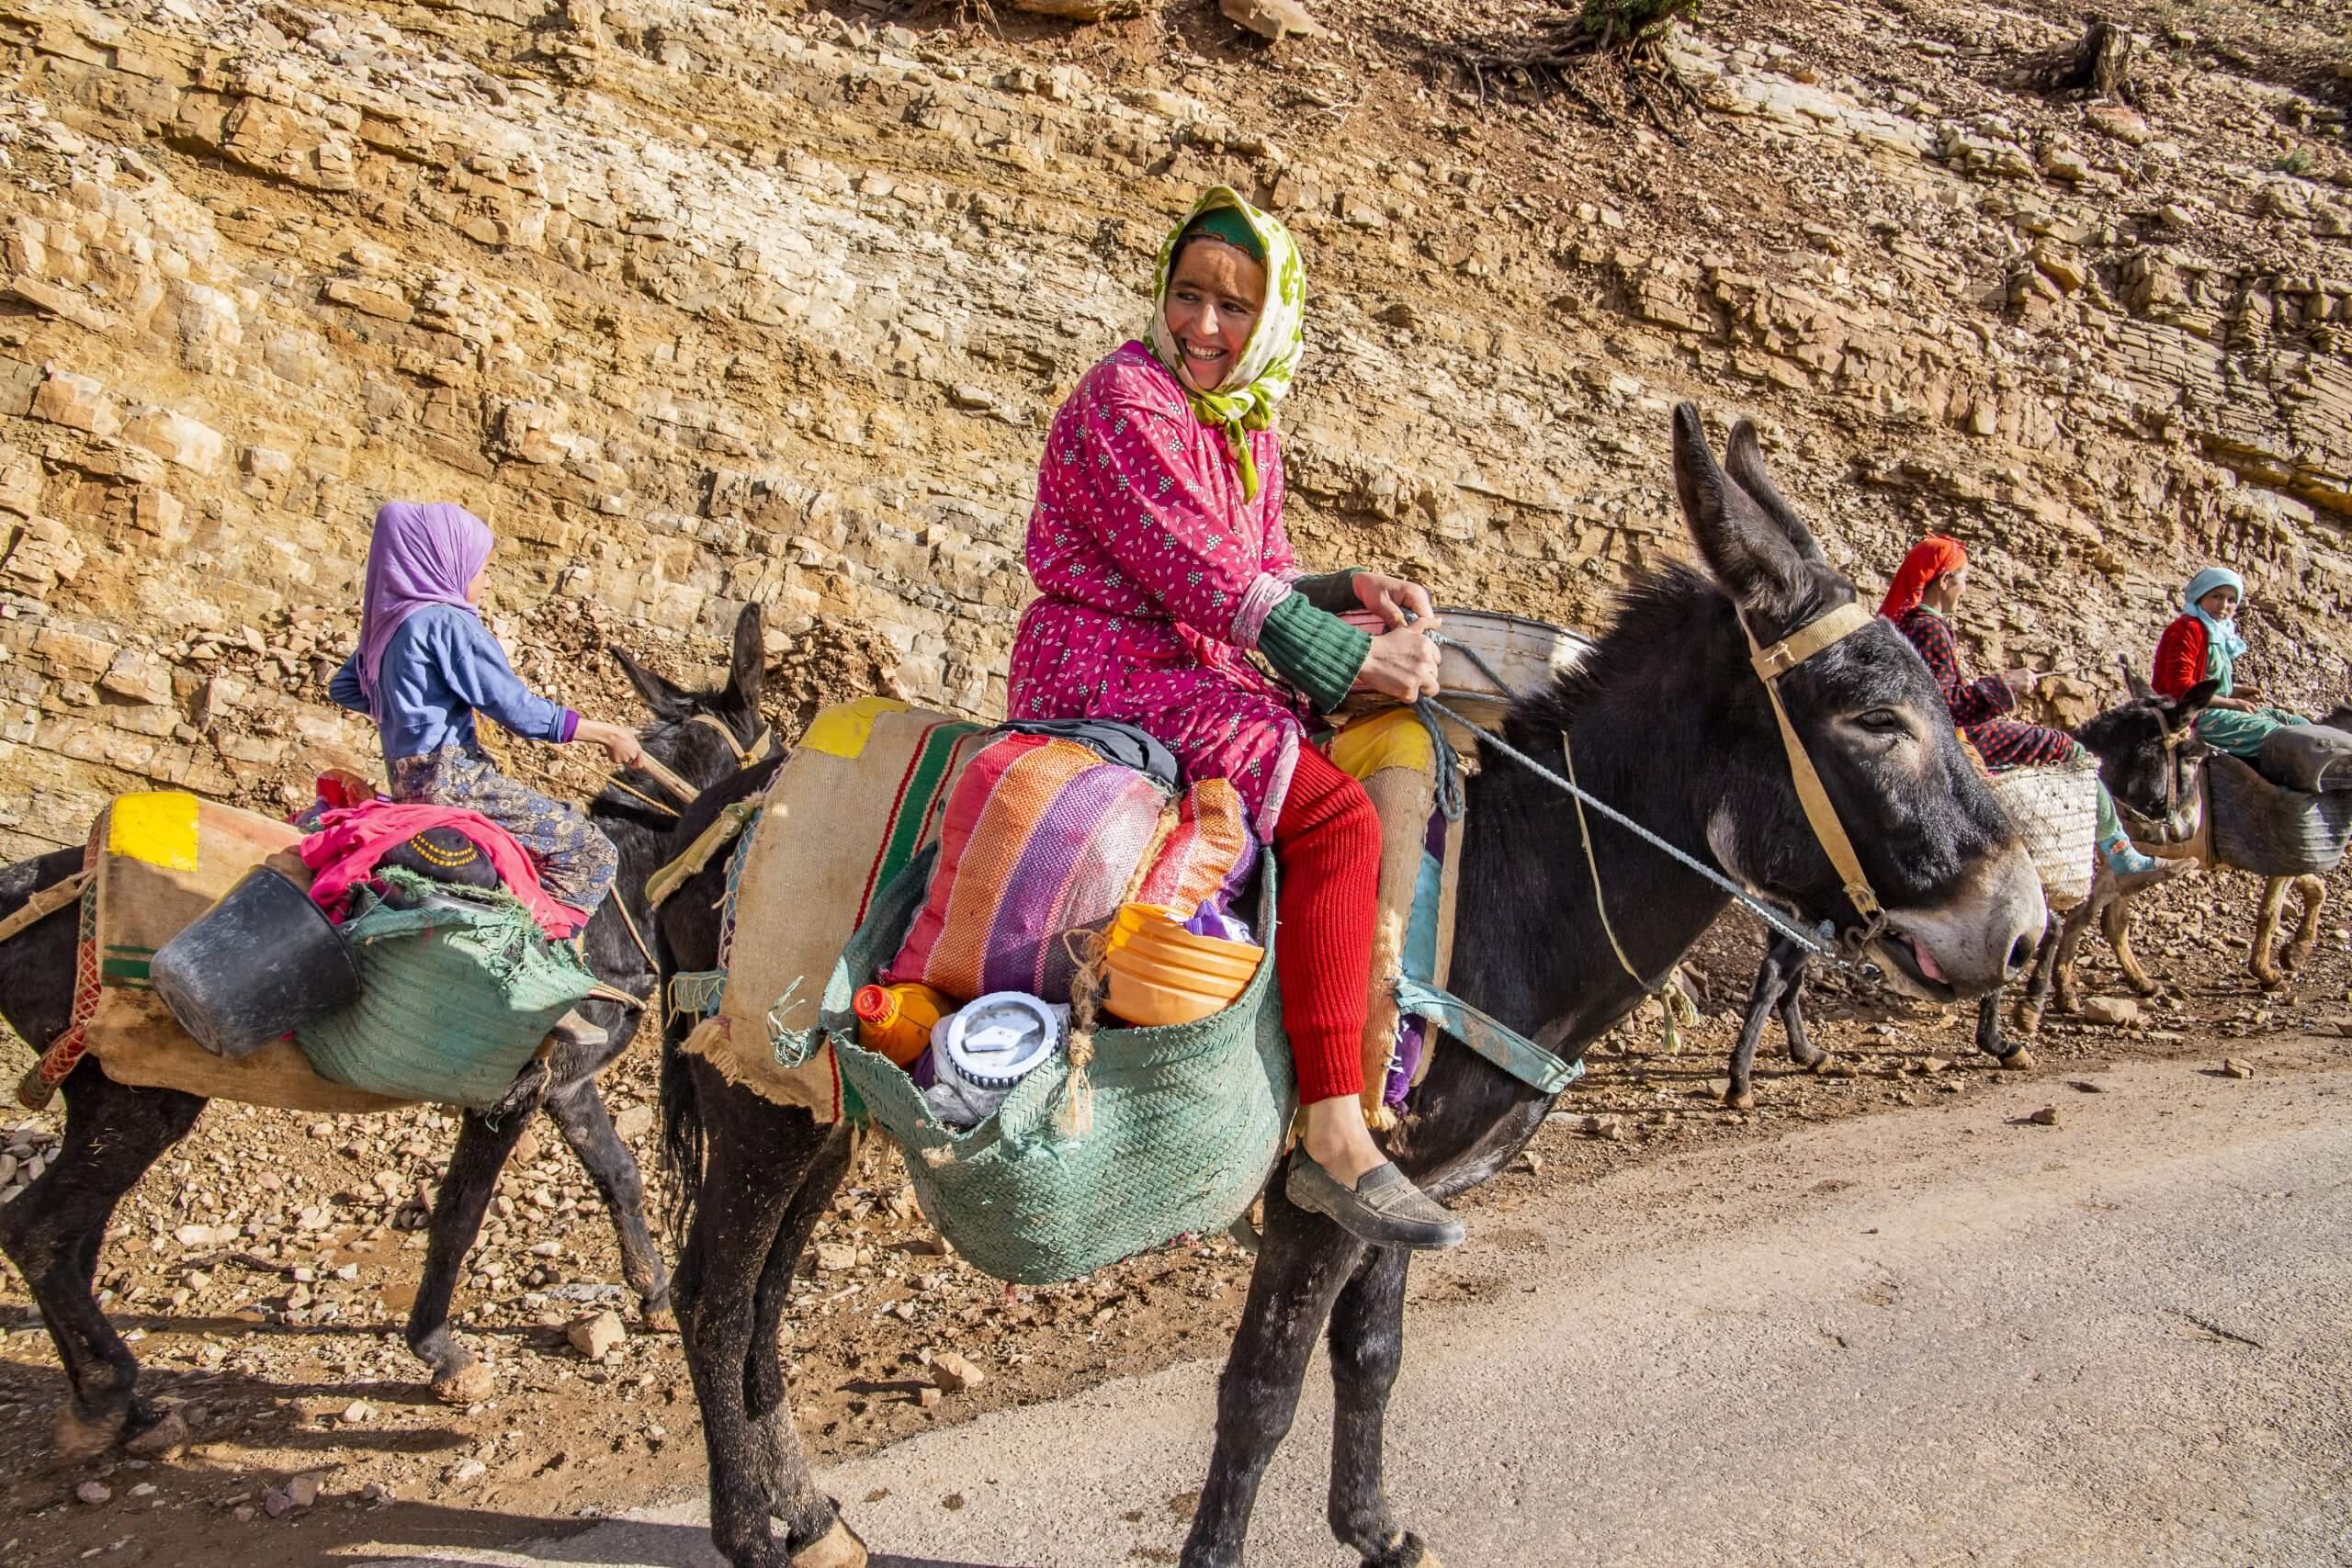 Esel sind beliebte Transportmittel in den Bergen